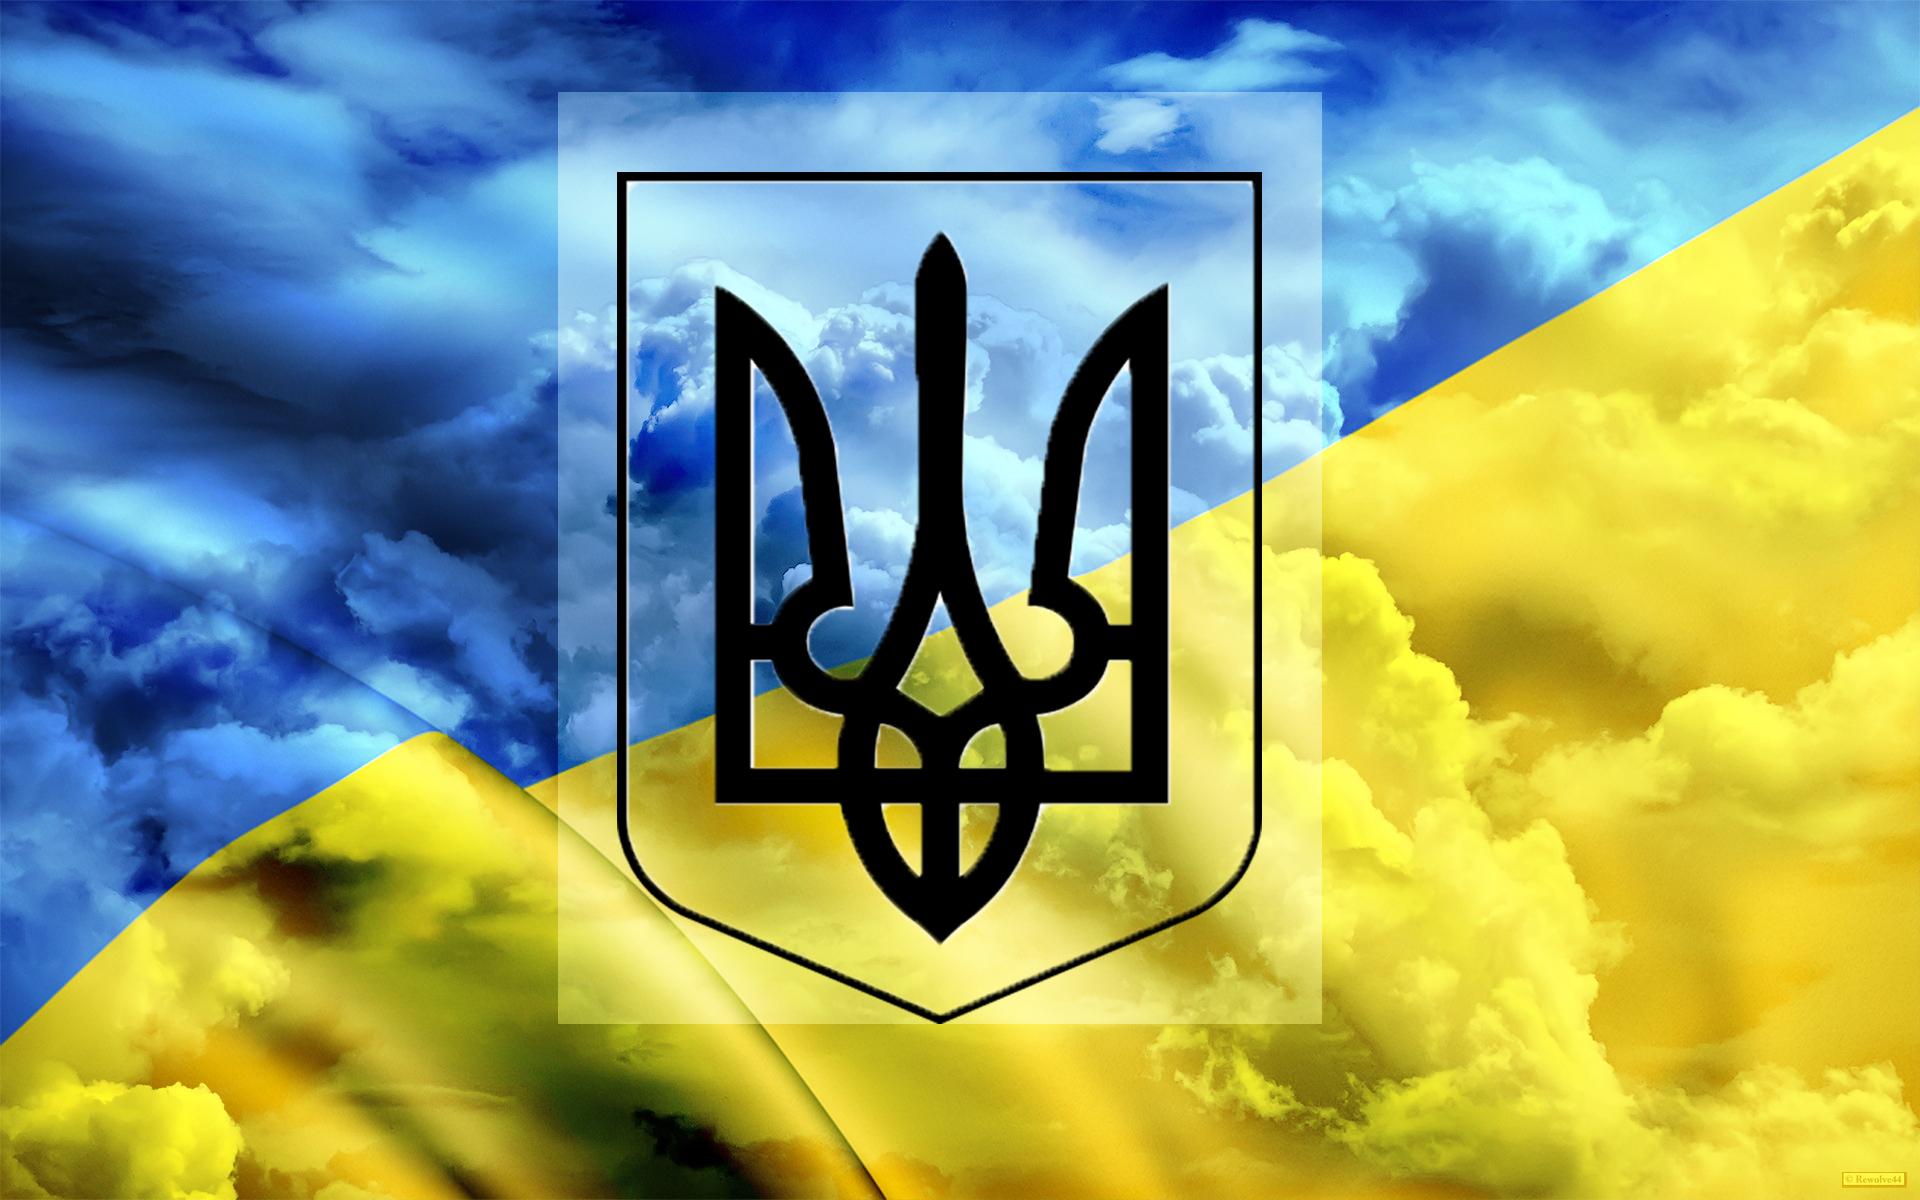 фотообои на рабочий стол символика украины прохладную погоду гардероб